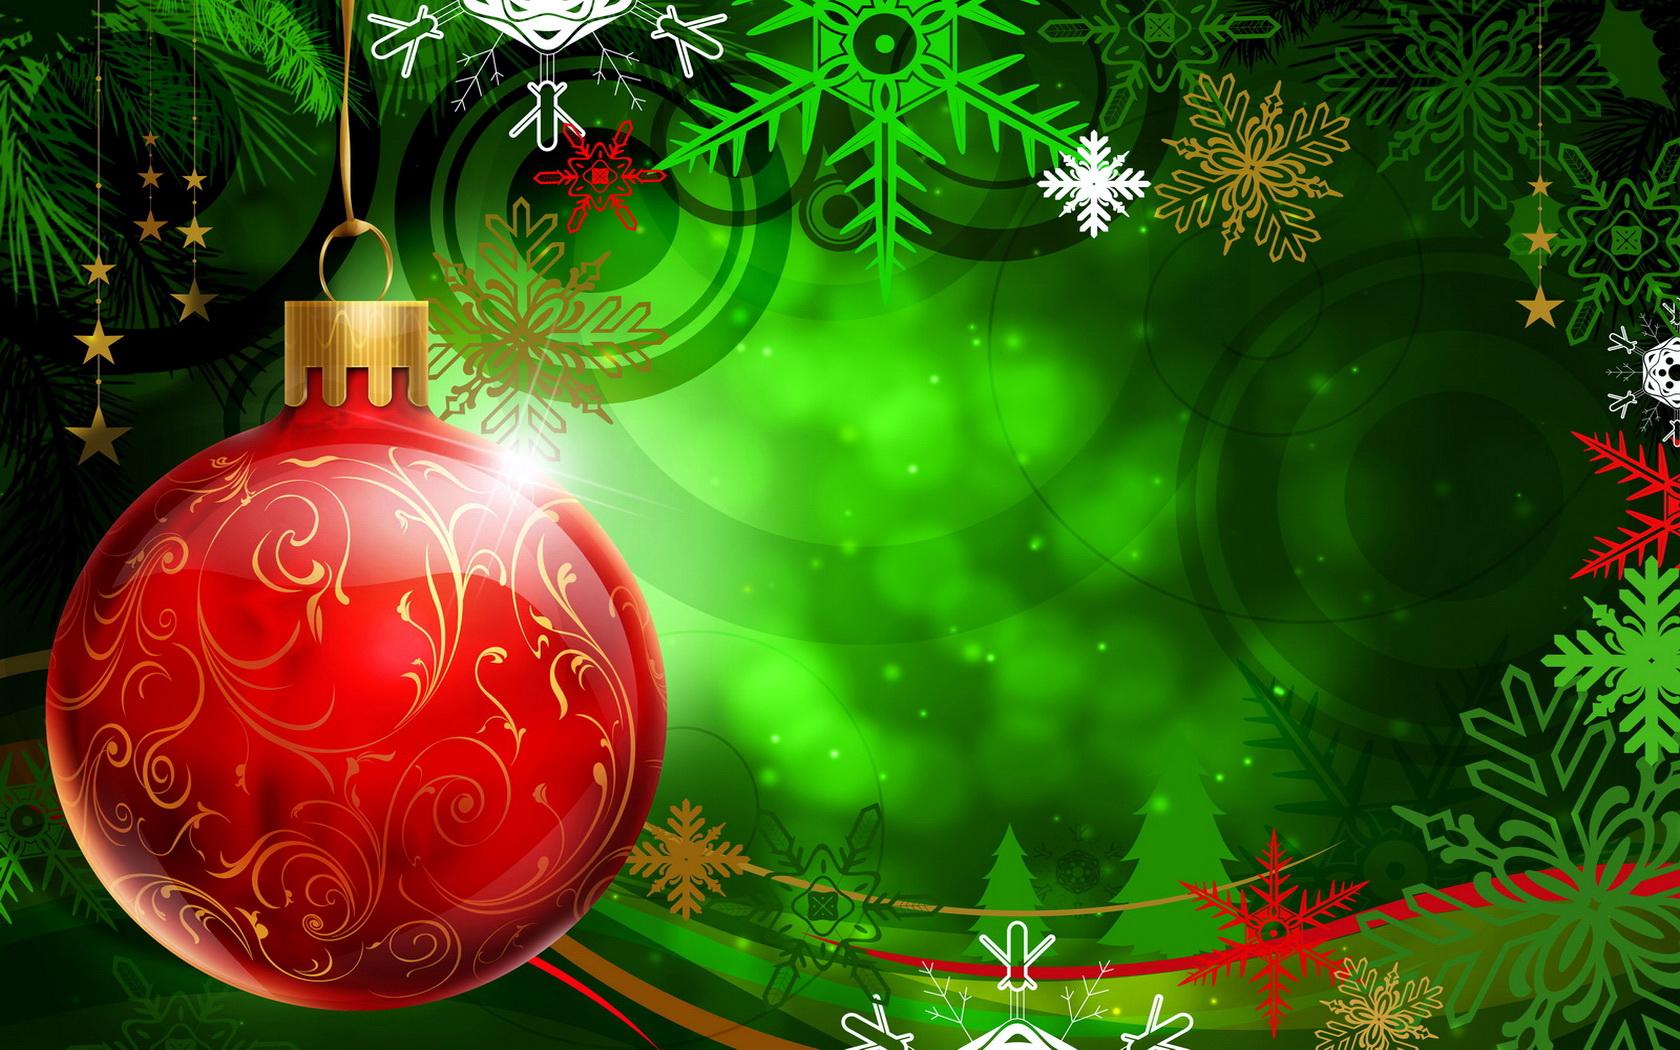 playstation 3 wallpaper themes. christmas-ps3-wallpaper